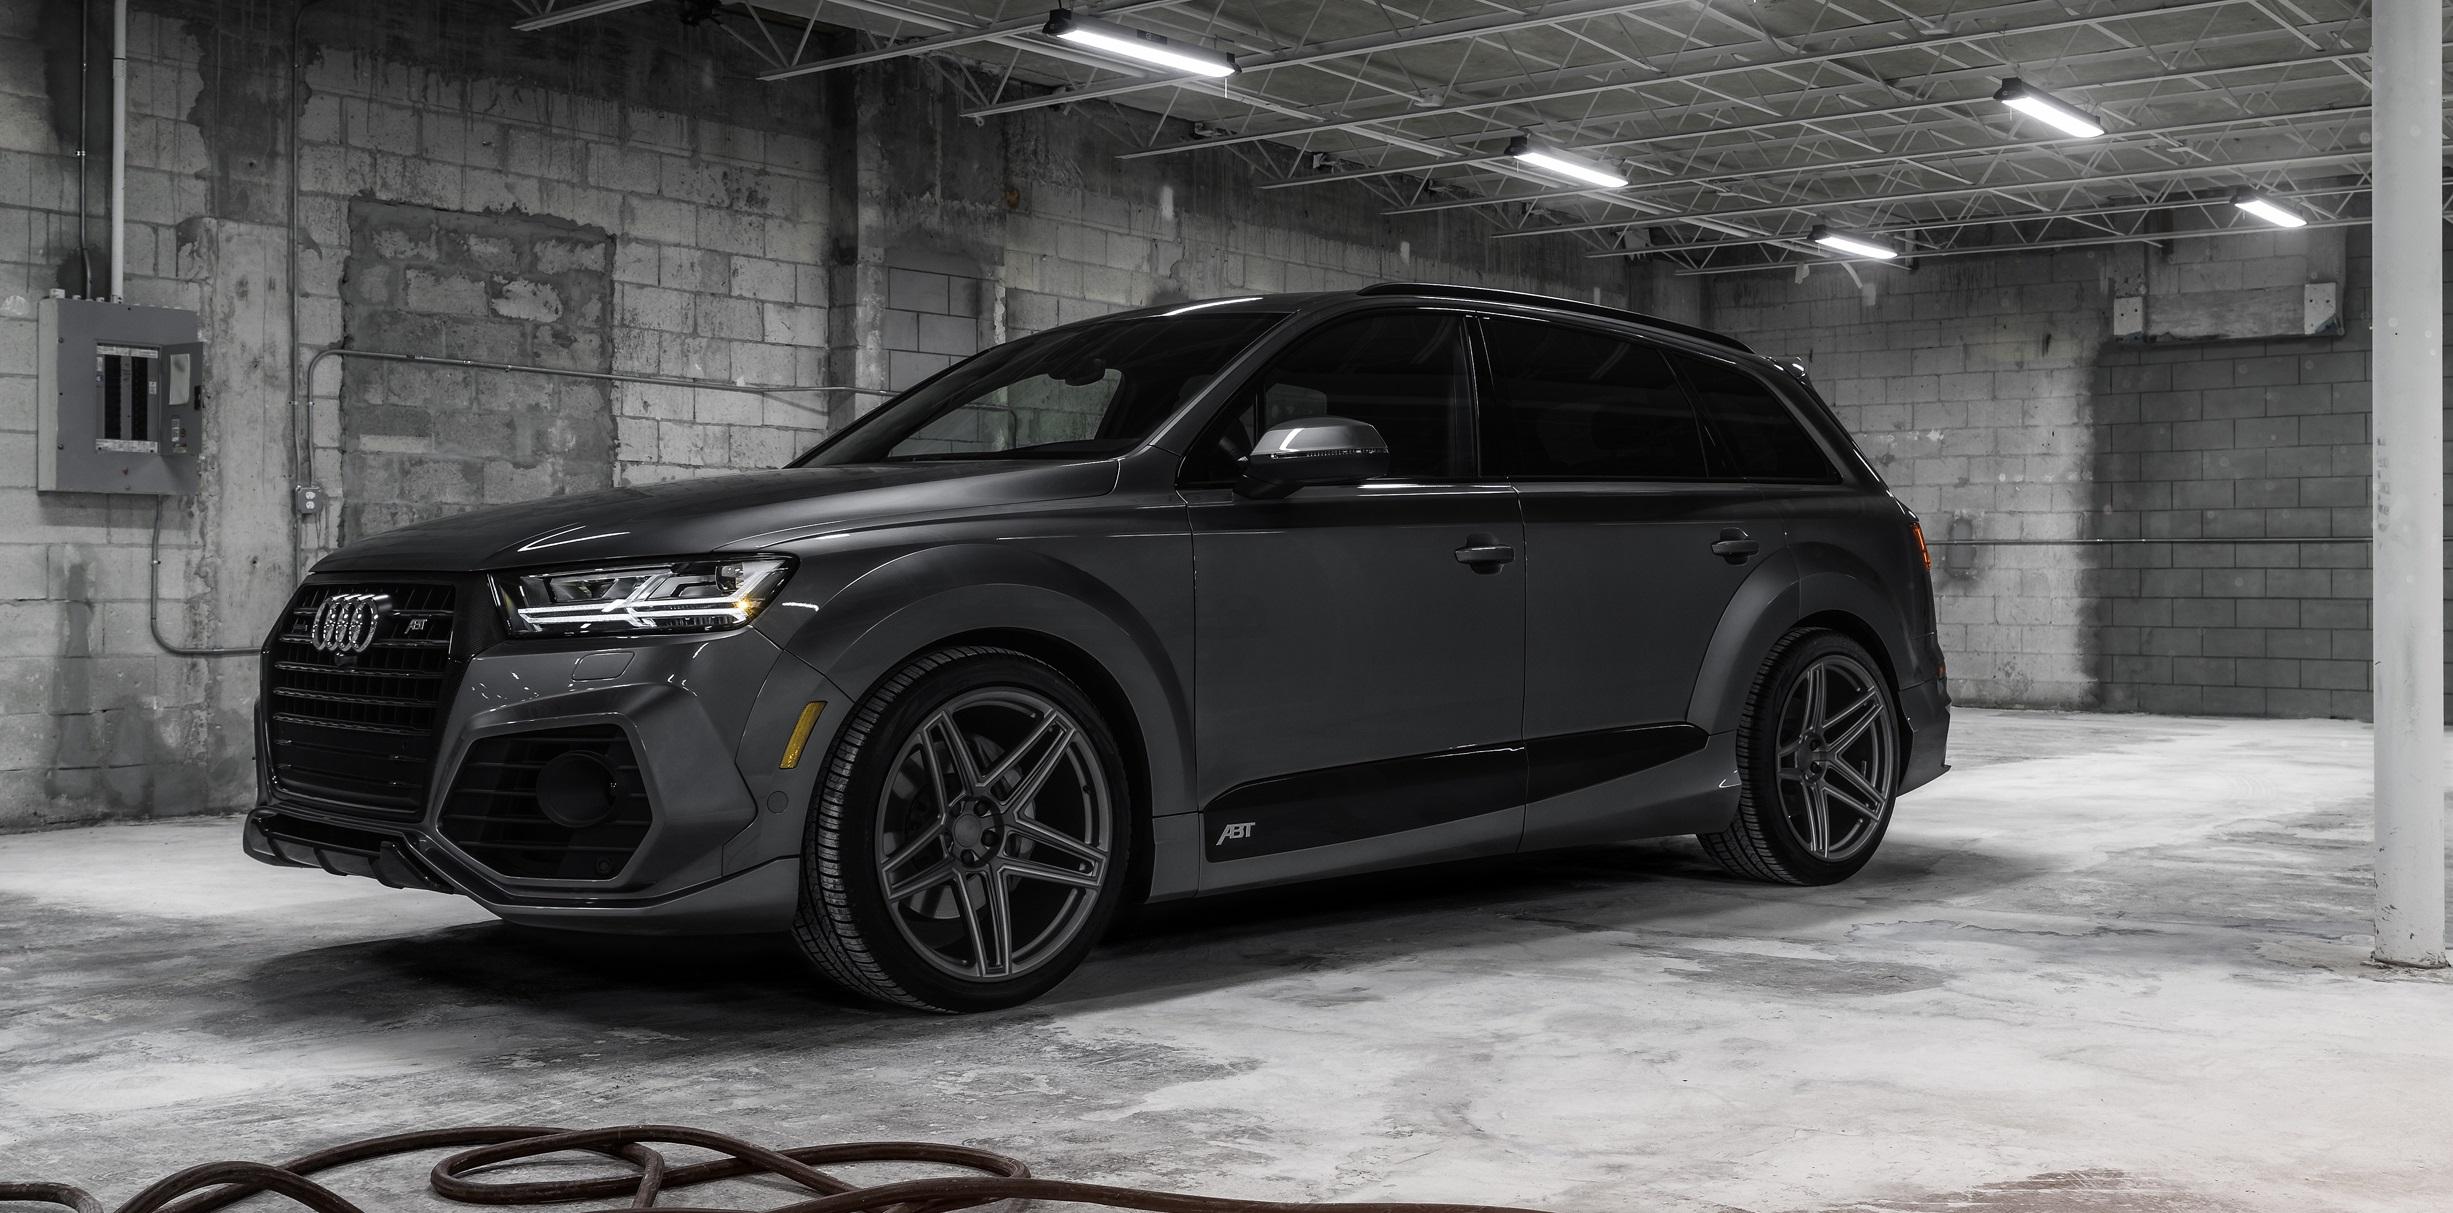 Ultimativer Audi Q7 von Abt und Vossen Wheels